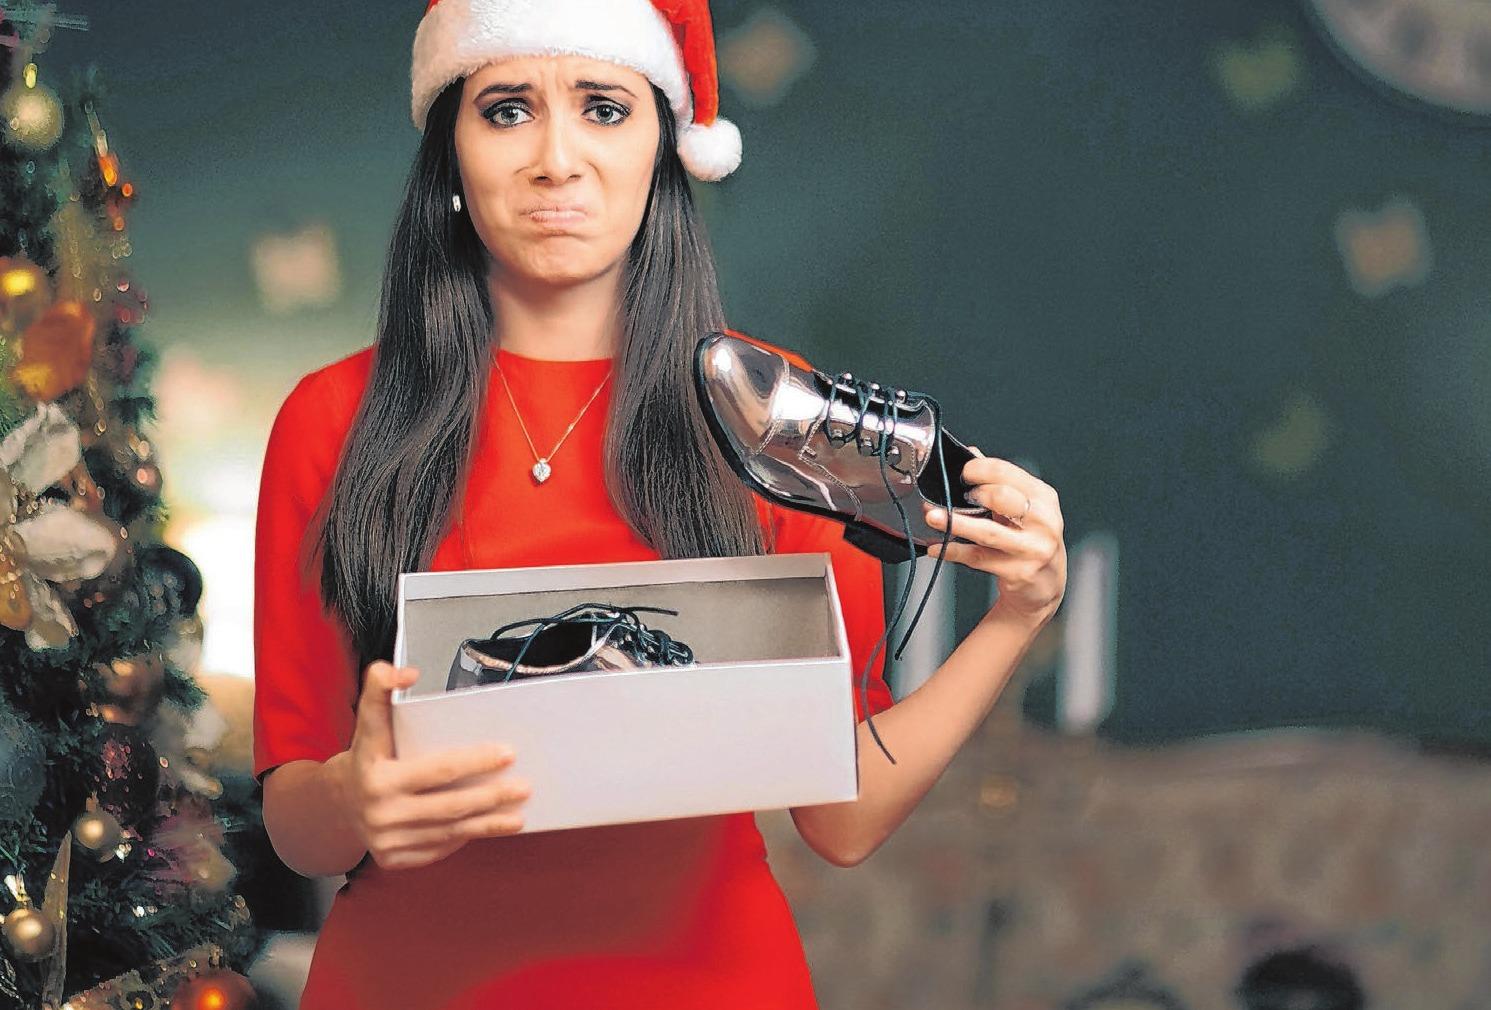 Da ist jemand ganz und gar nicht glücklich mit seinem Geschenk. Beim Umtausch kommt es auf die Kulanz des Händlers an. FOTO: NICOLETA IONESCU/SHUTTERSTOCK.COM